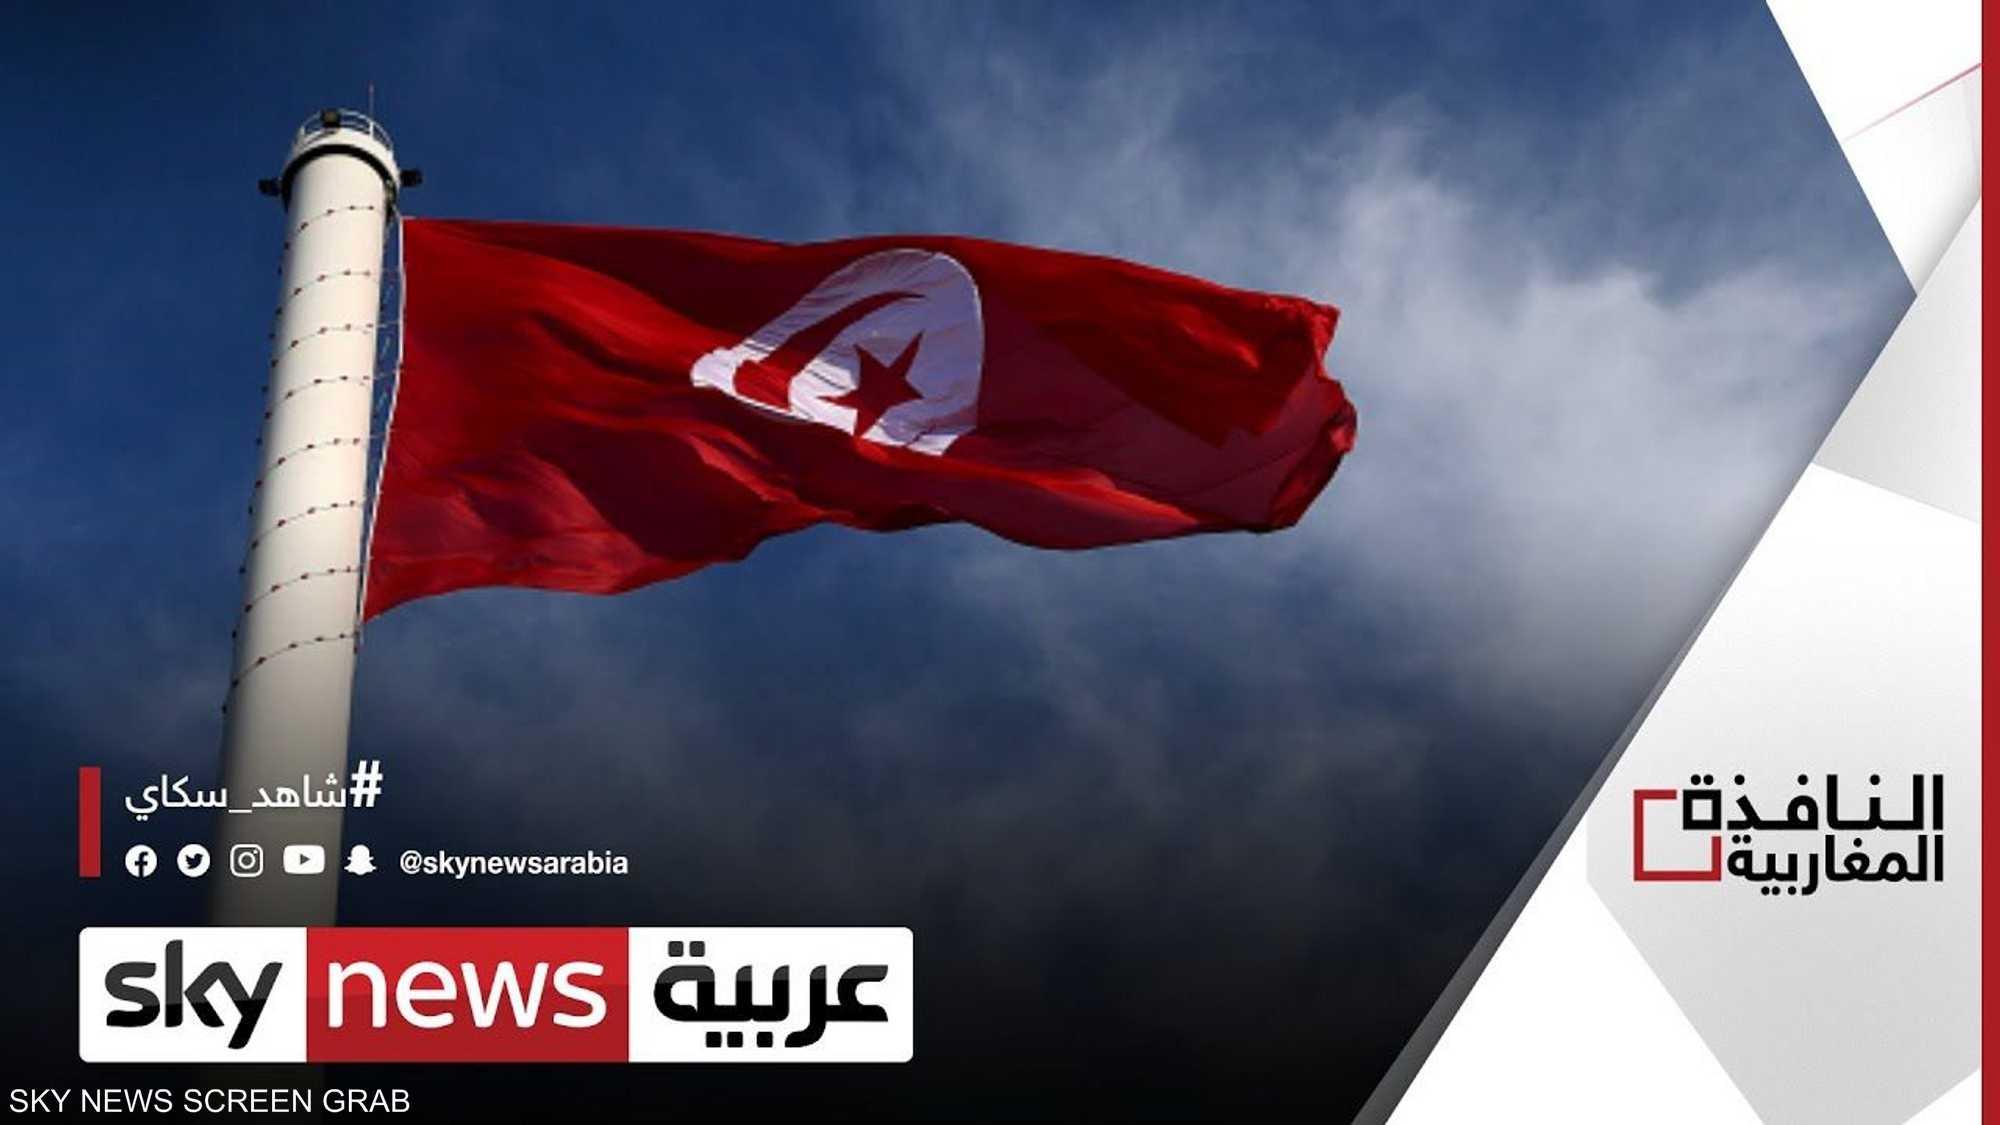 تونس تفرض حظرا شاملا في كافة الولايات للتصدي لكورونا